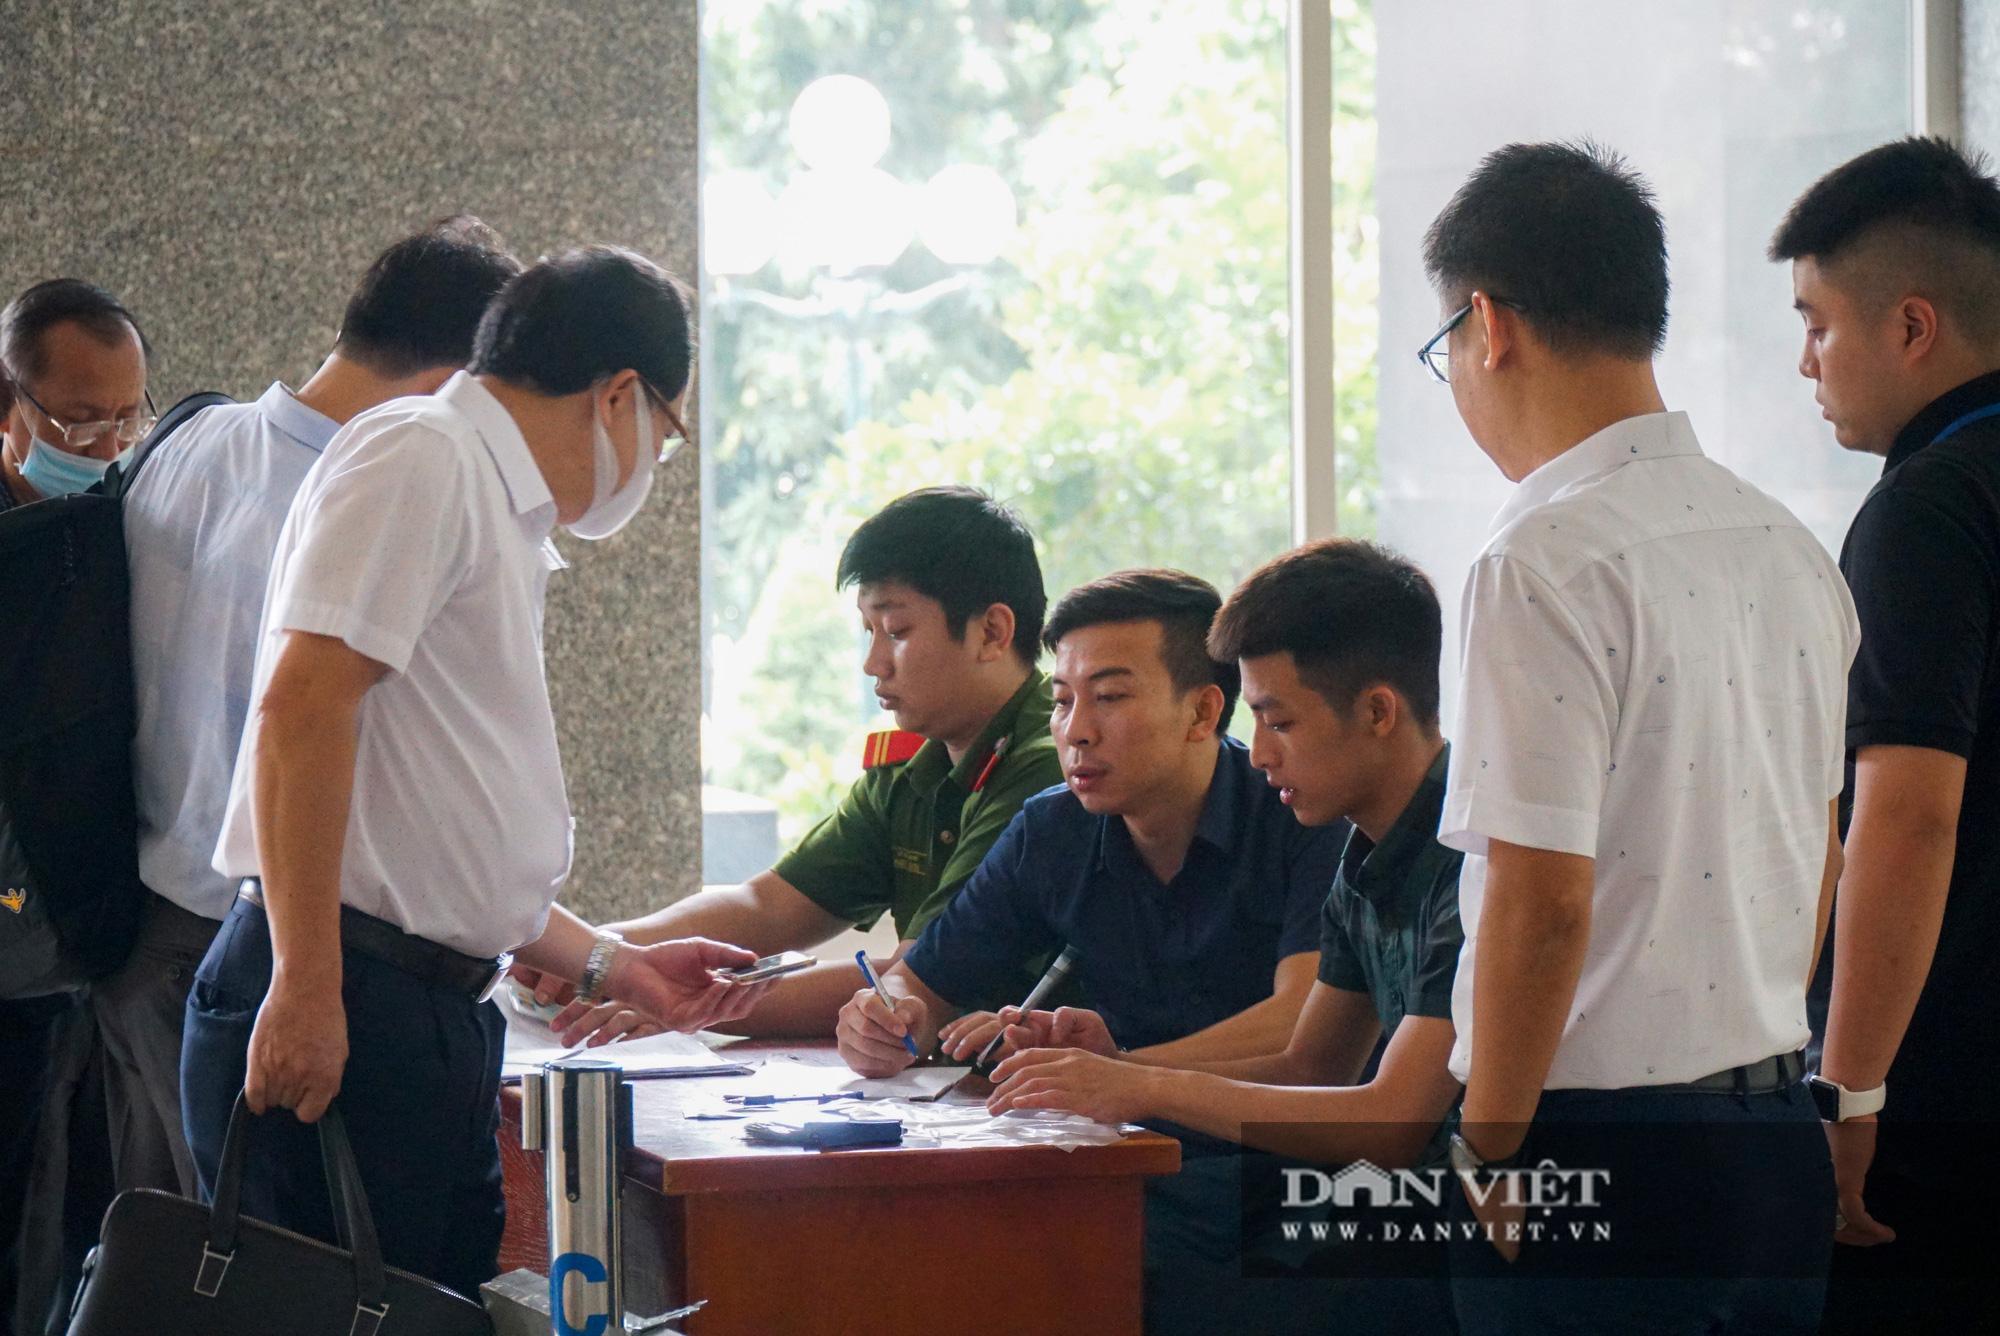 Cựu Bộ trưởng Vũ Huy Hoàng trông thế nào ở phiên xử lần thứ 3? - Ảnh 9.